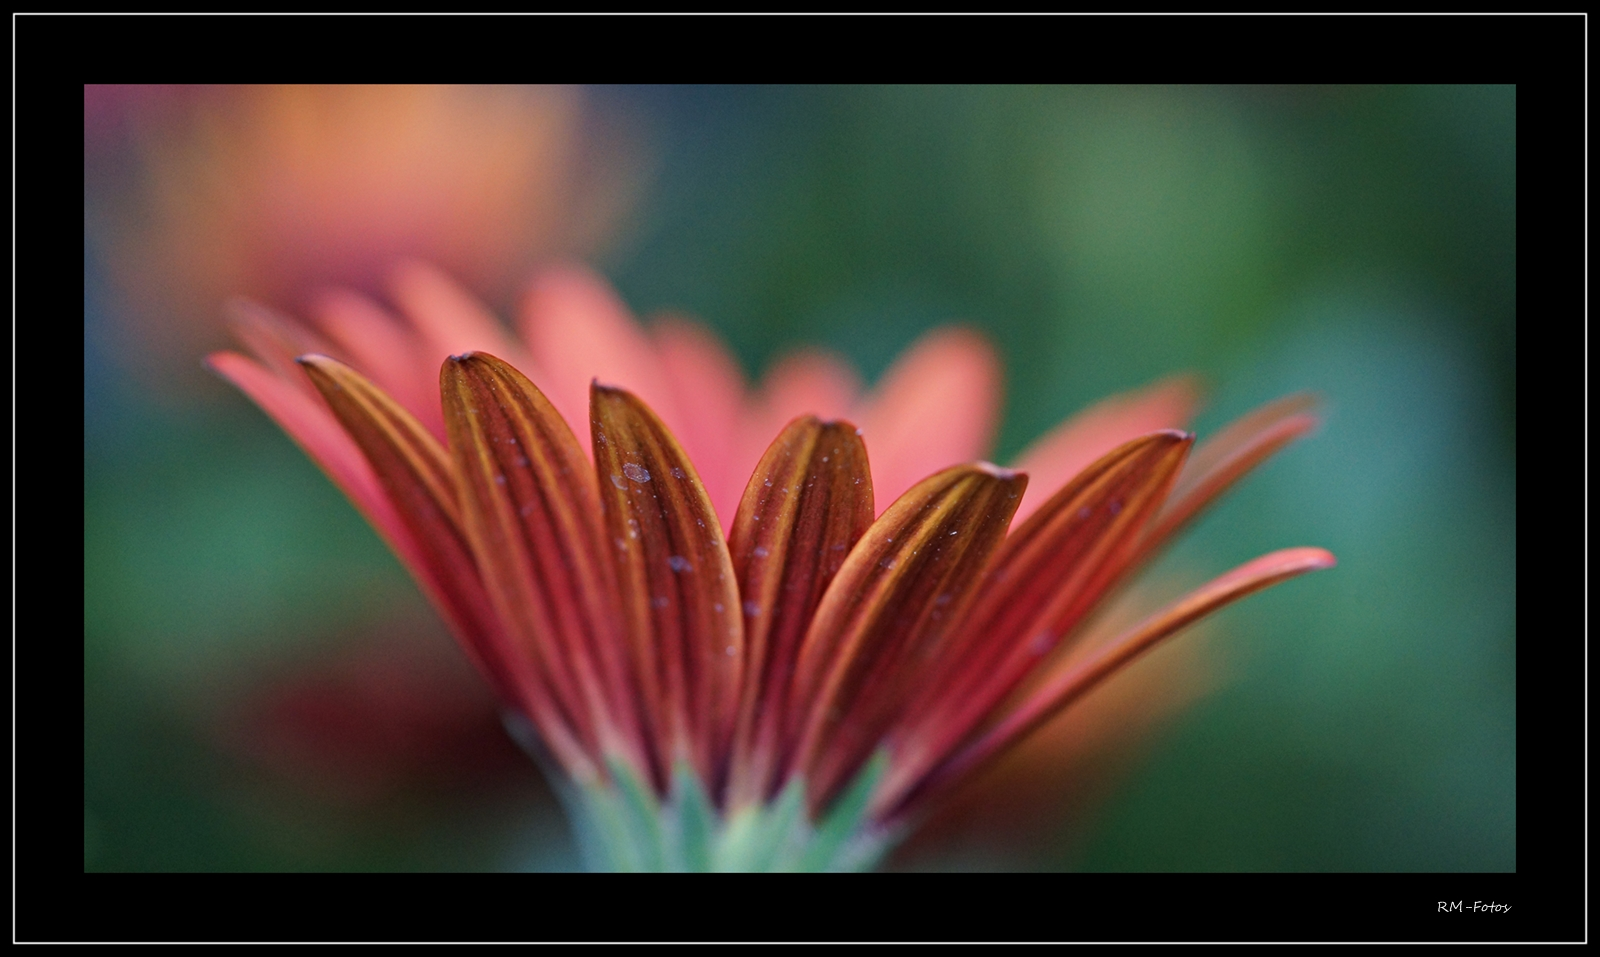 ein Blumenbild